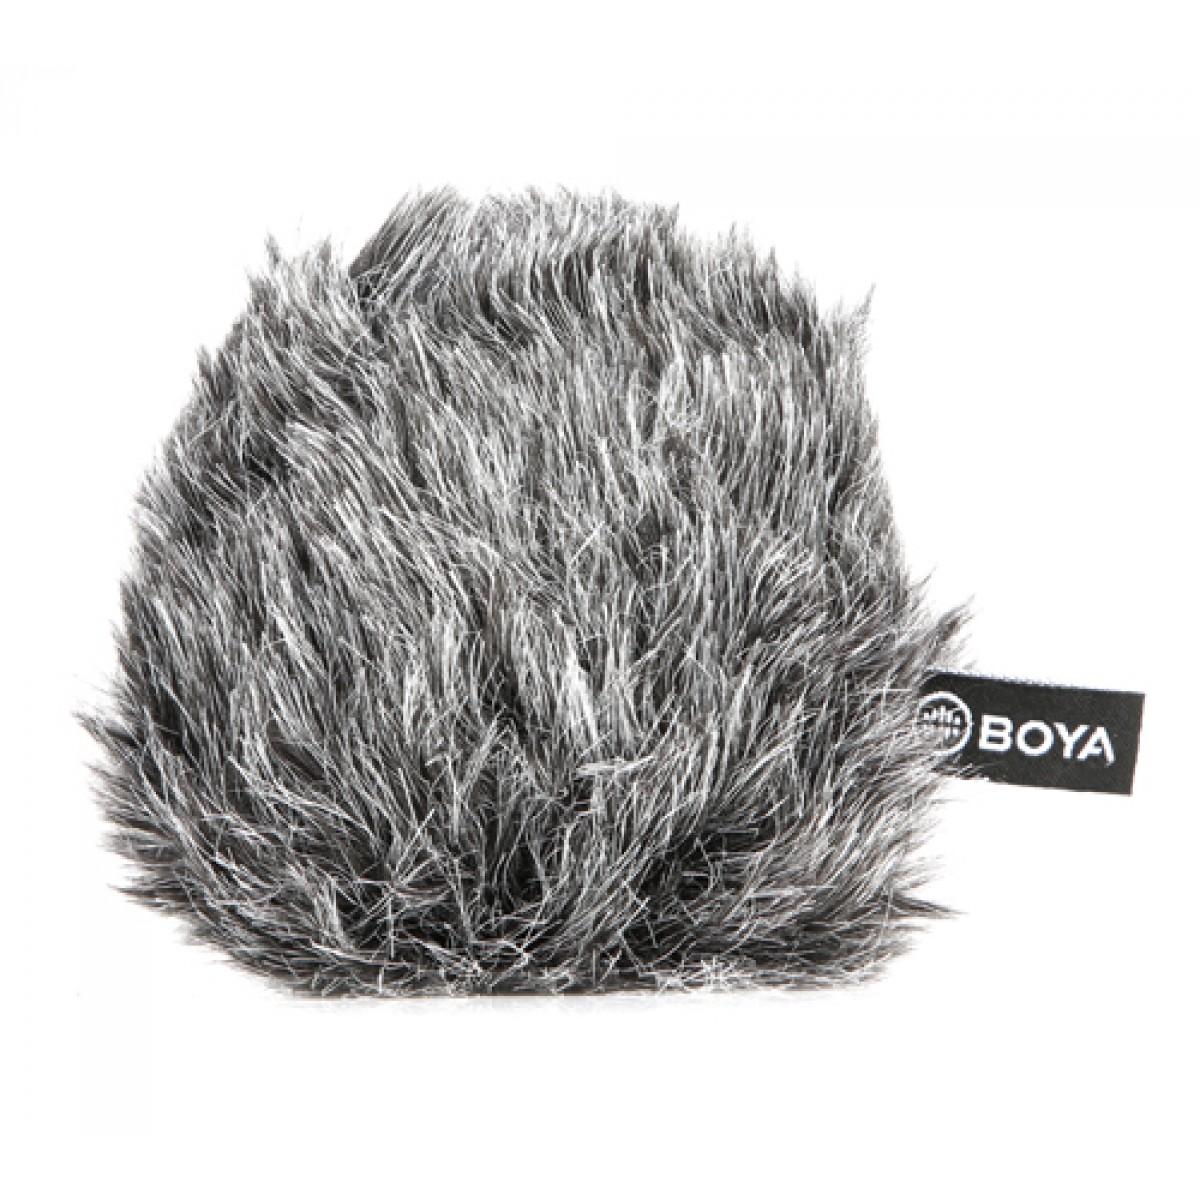 Microfone de Câmera BOYA BY-MM1+, 3.5mm, Black